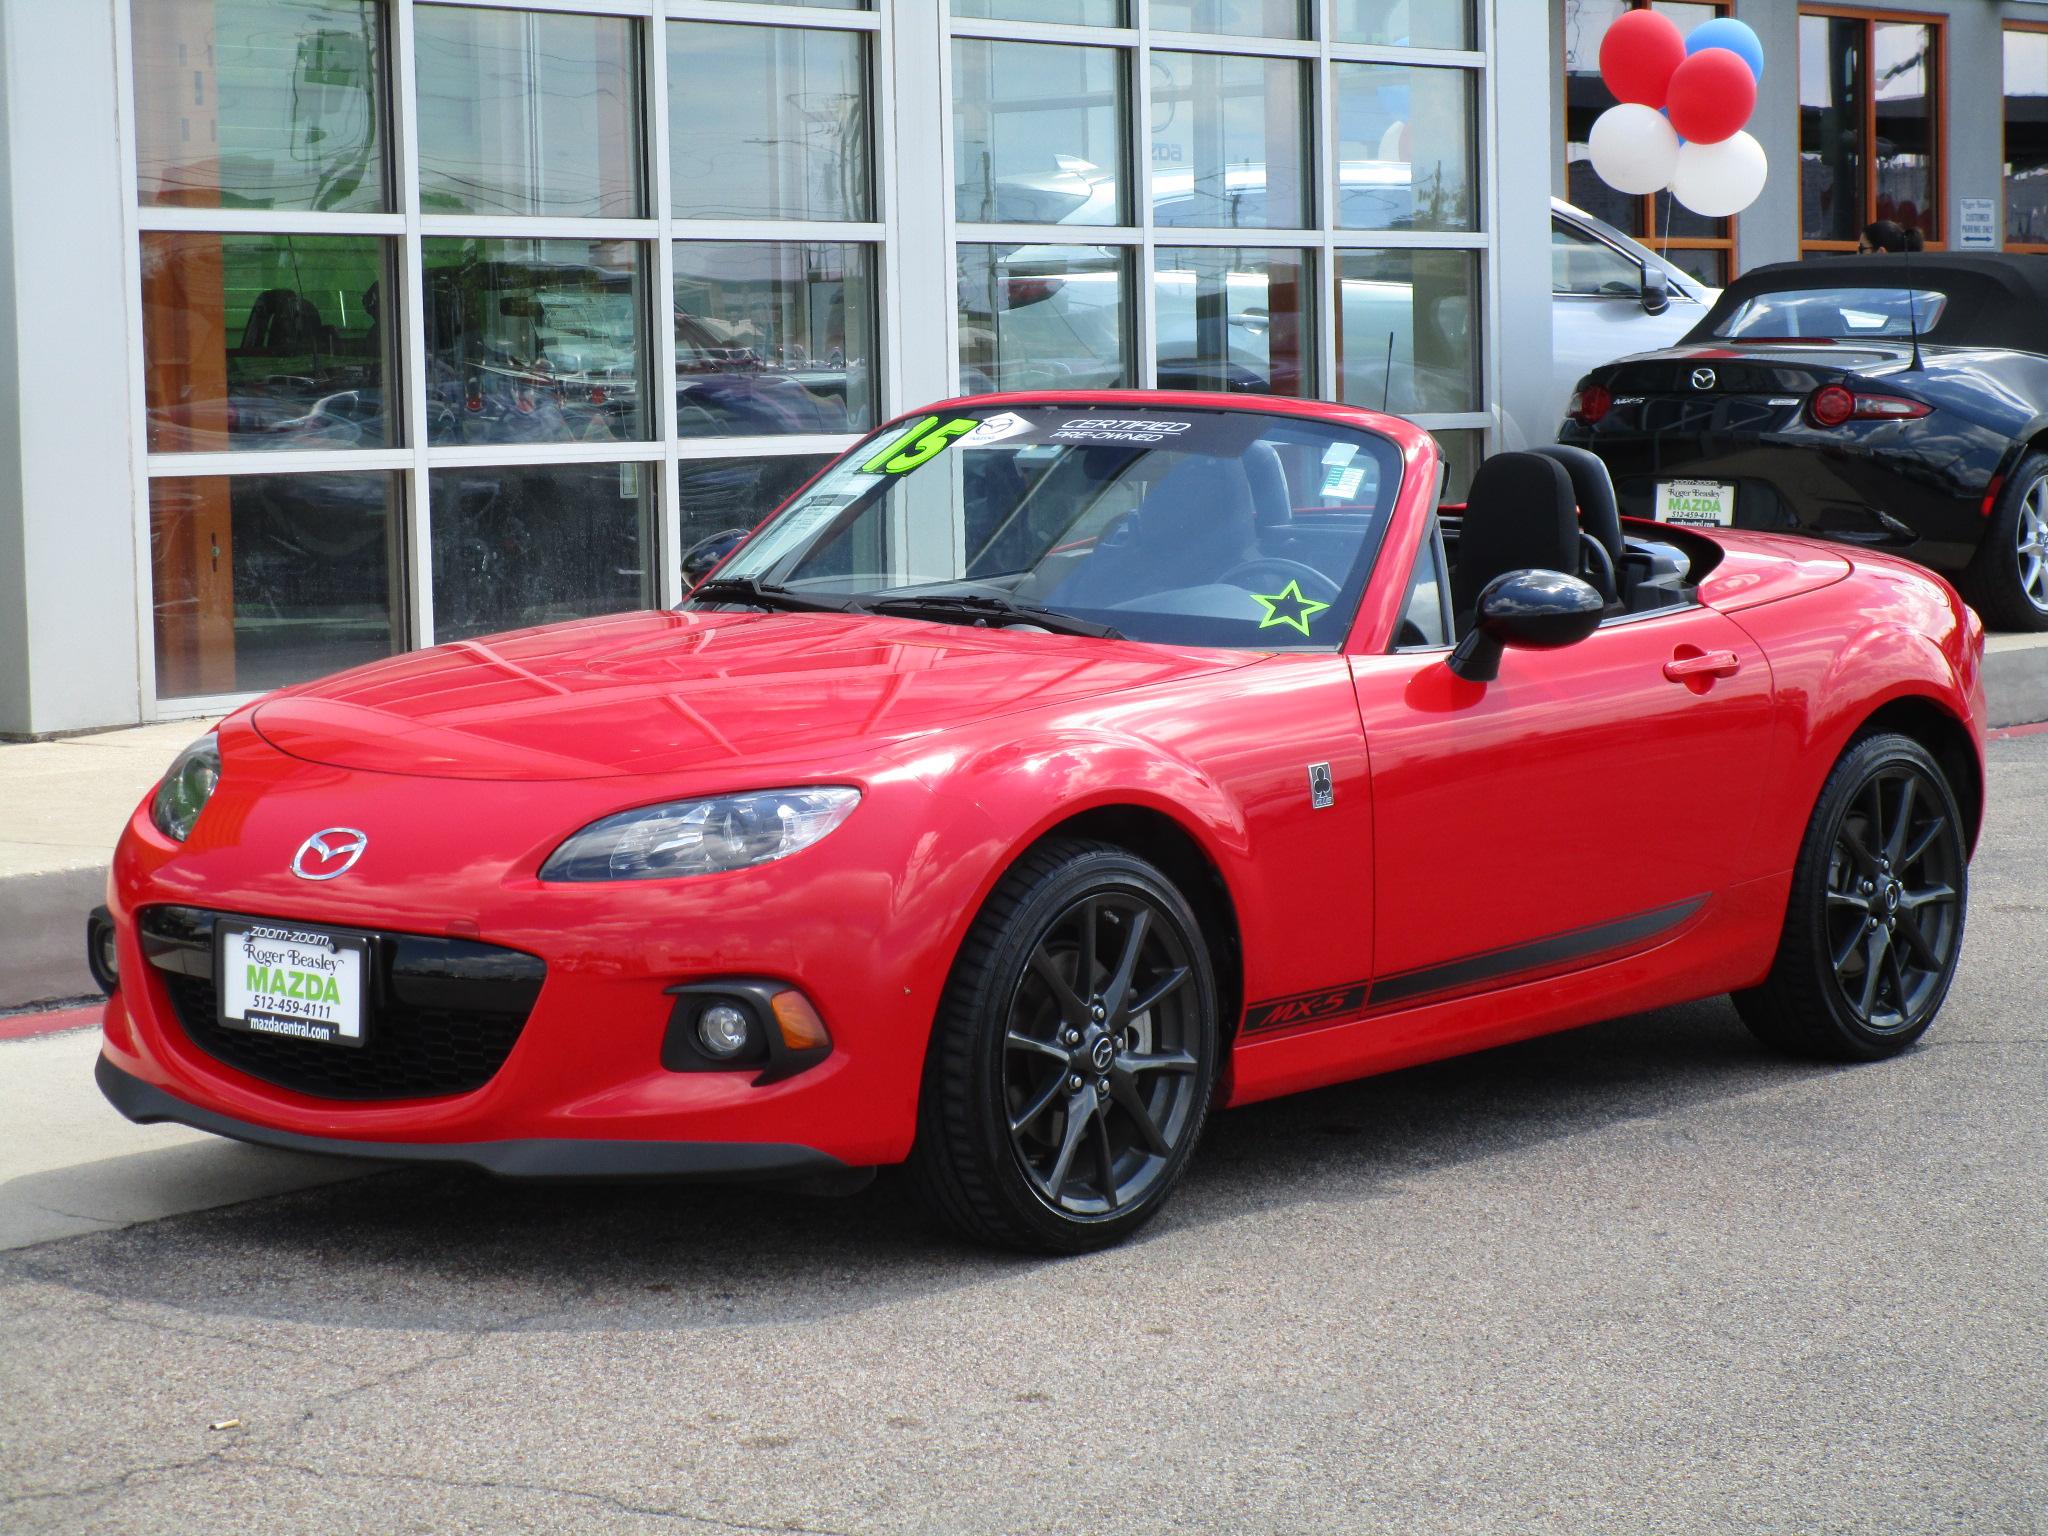 Used Mazda Miata for Sale Gallery – Drivins